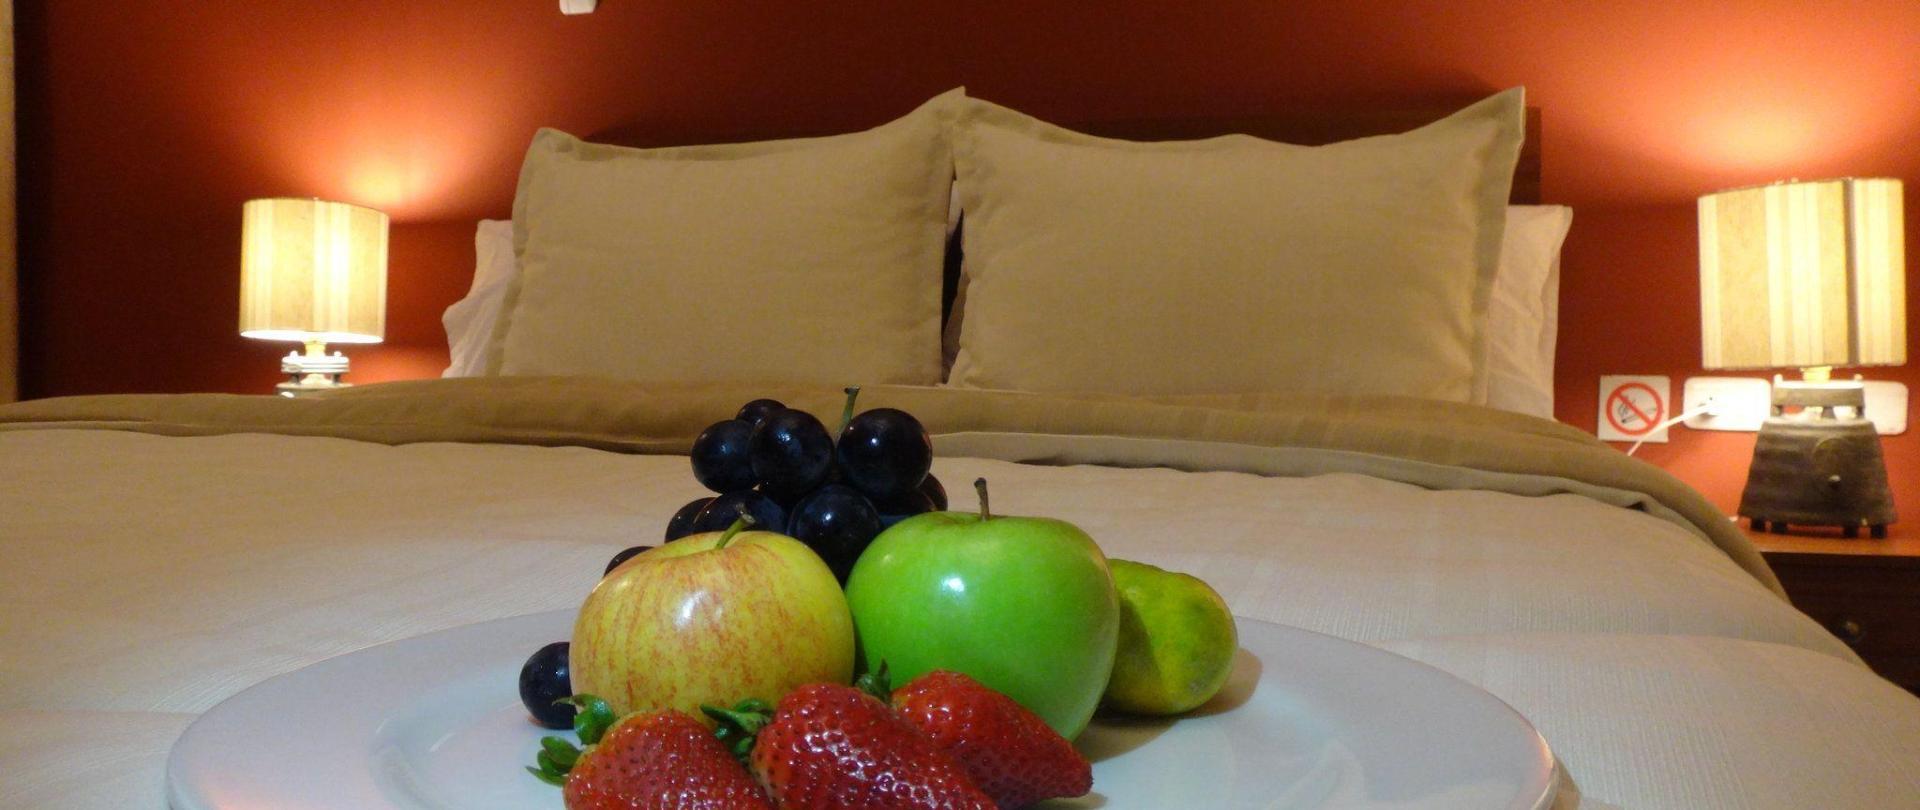 fuente-frutas-1.JPG